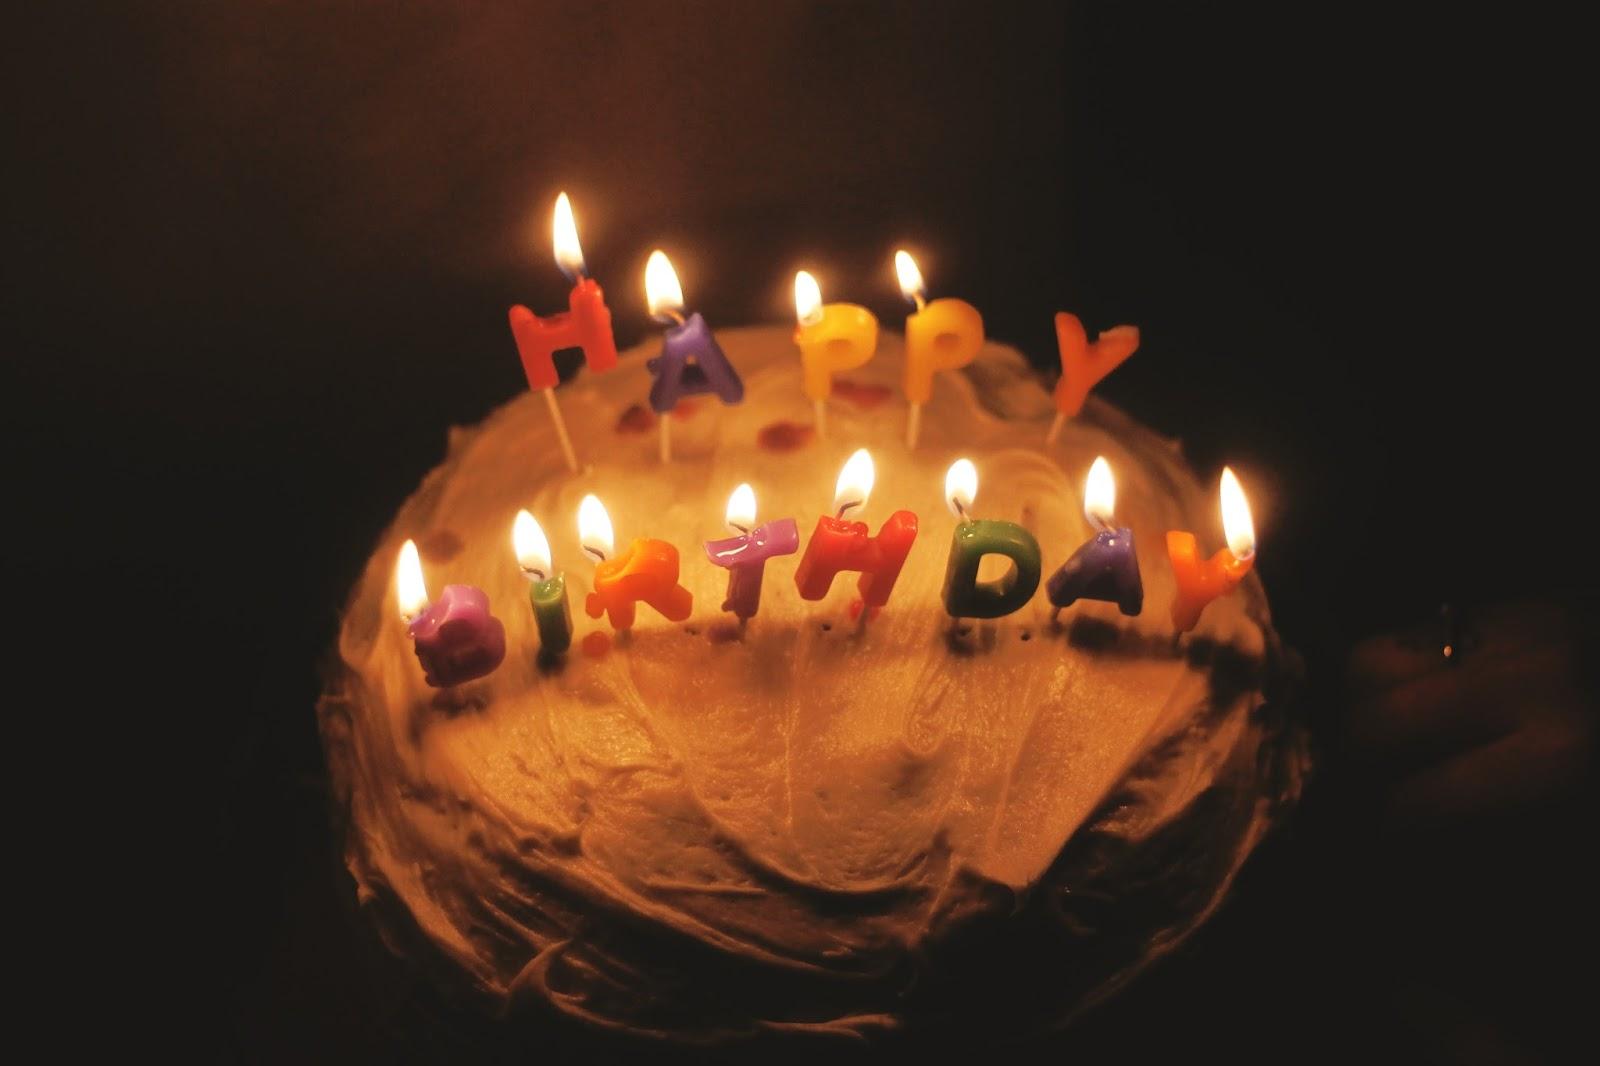 Birthday Cake Quotes